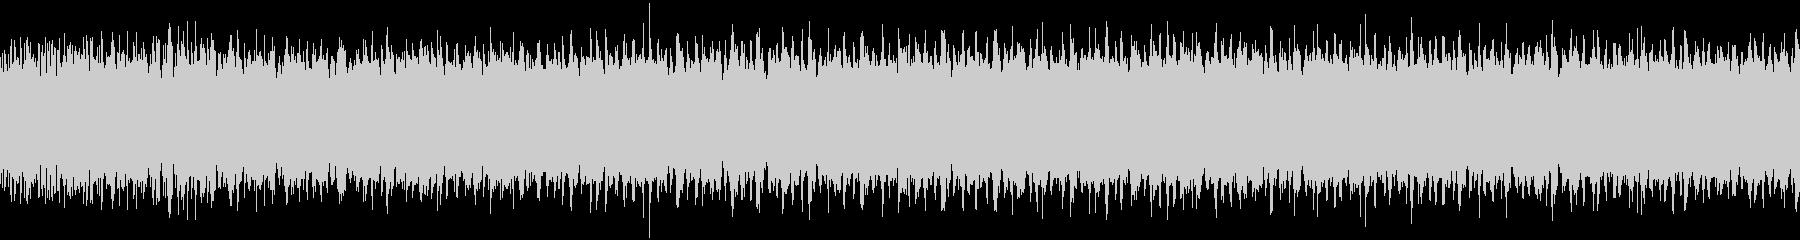 リューター音(ウィーーーー)の未再生の波形